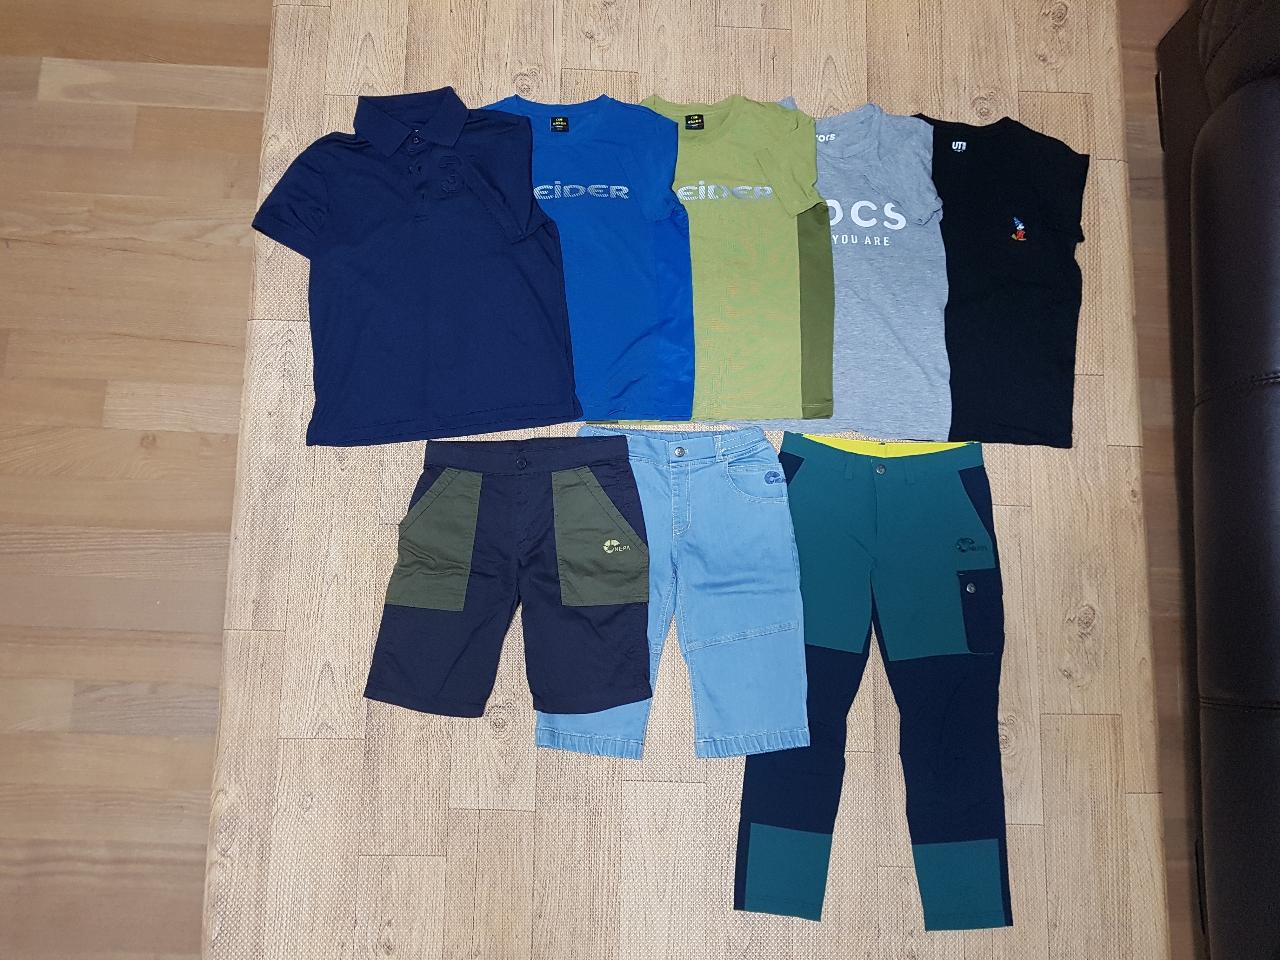 140사이즈 티셔츠&바지 일괄 판매합니다.